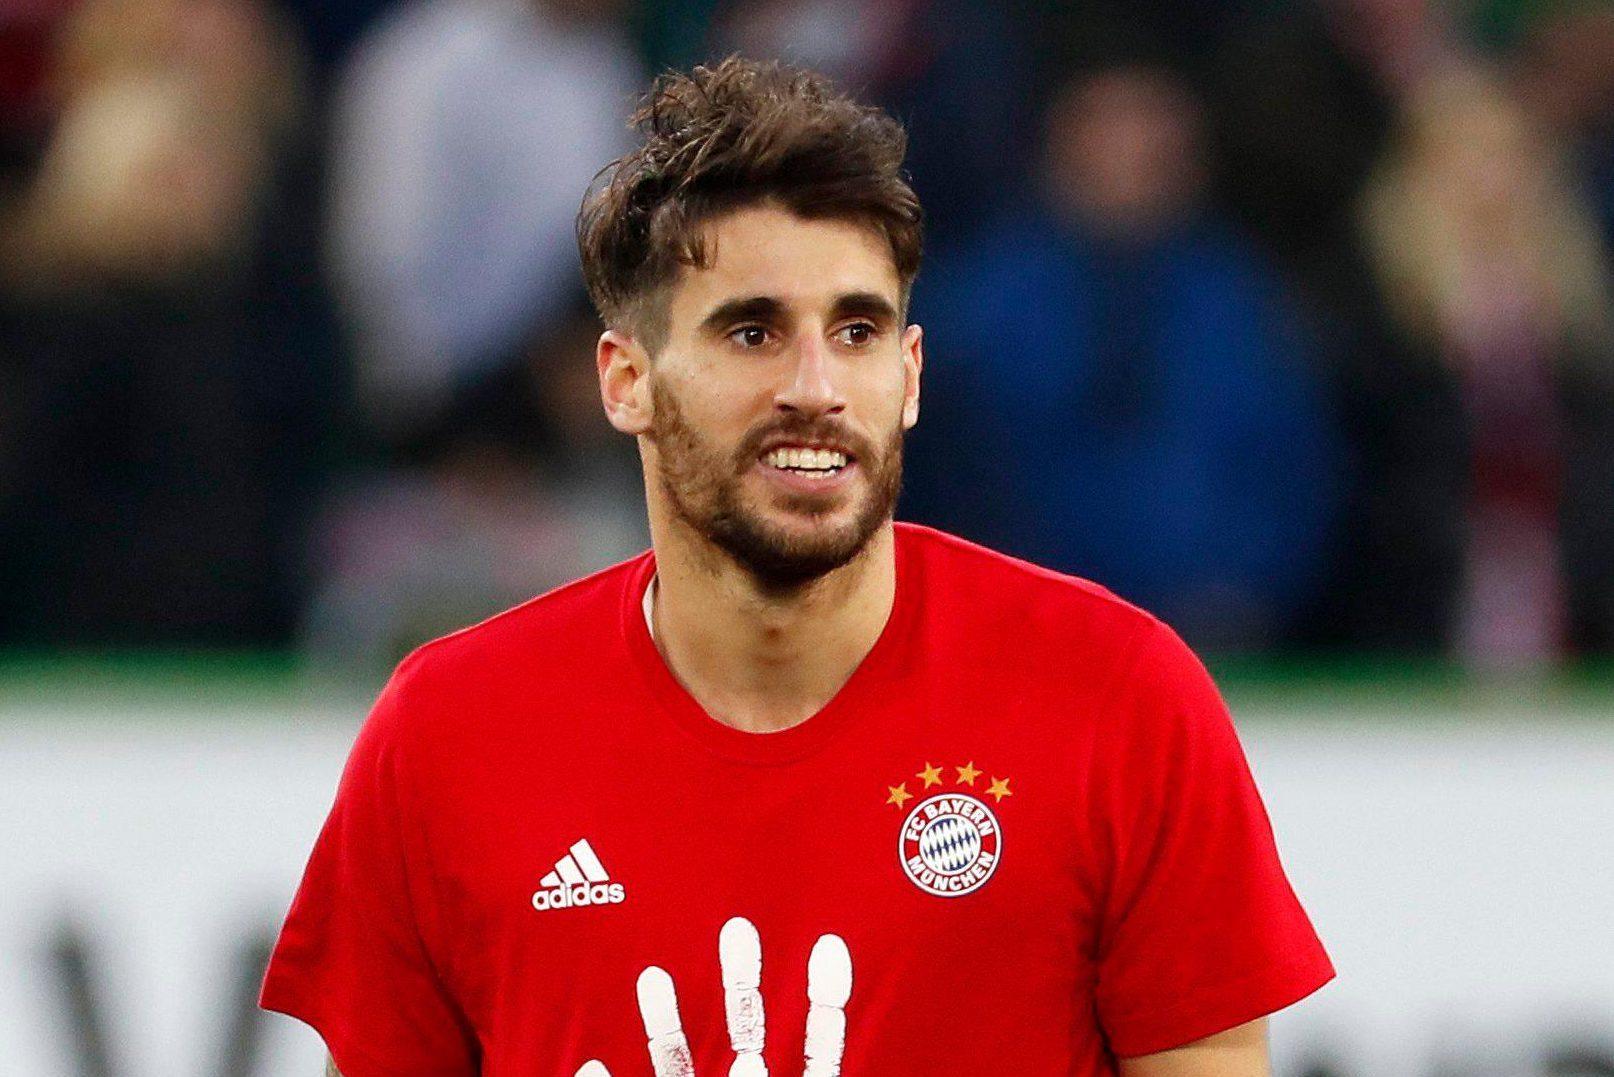 Bayern Munich ace Javi Martinez ruled out for season after